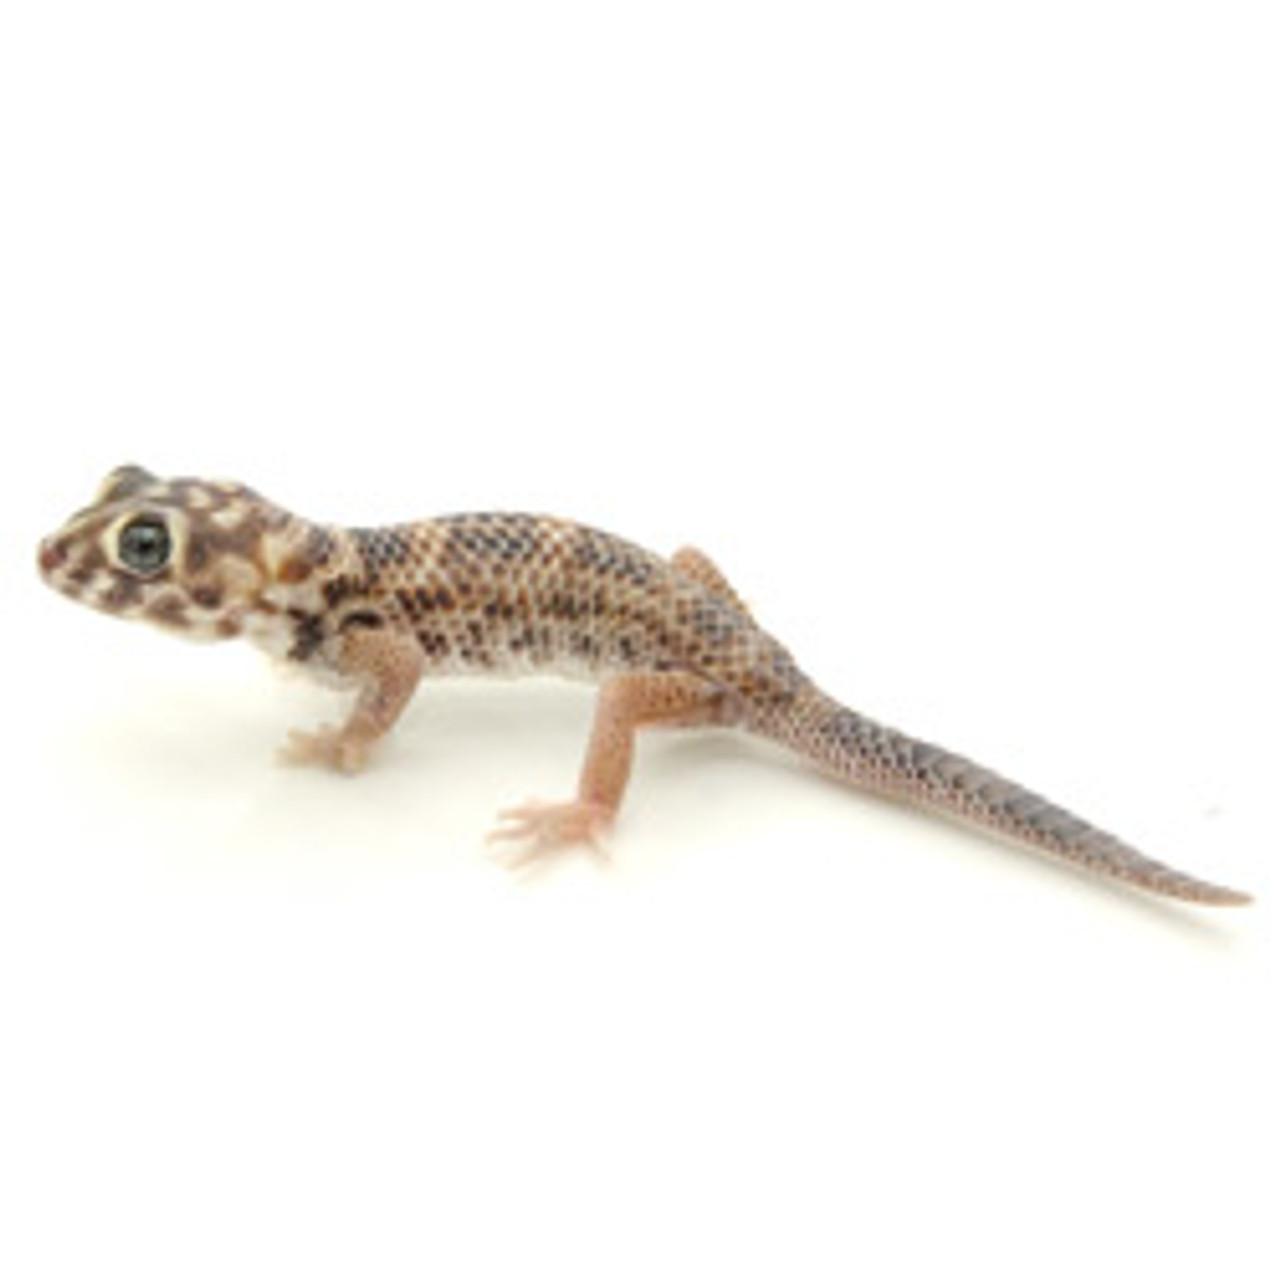 Frog Eye Gecko